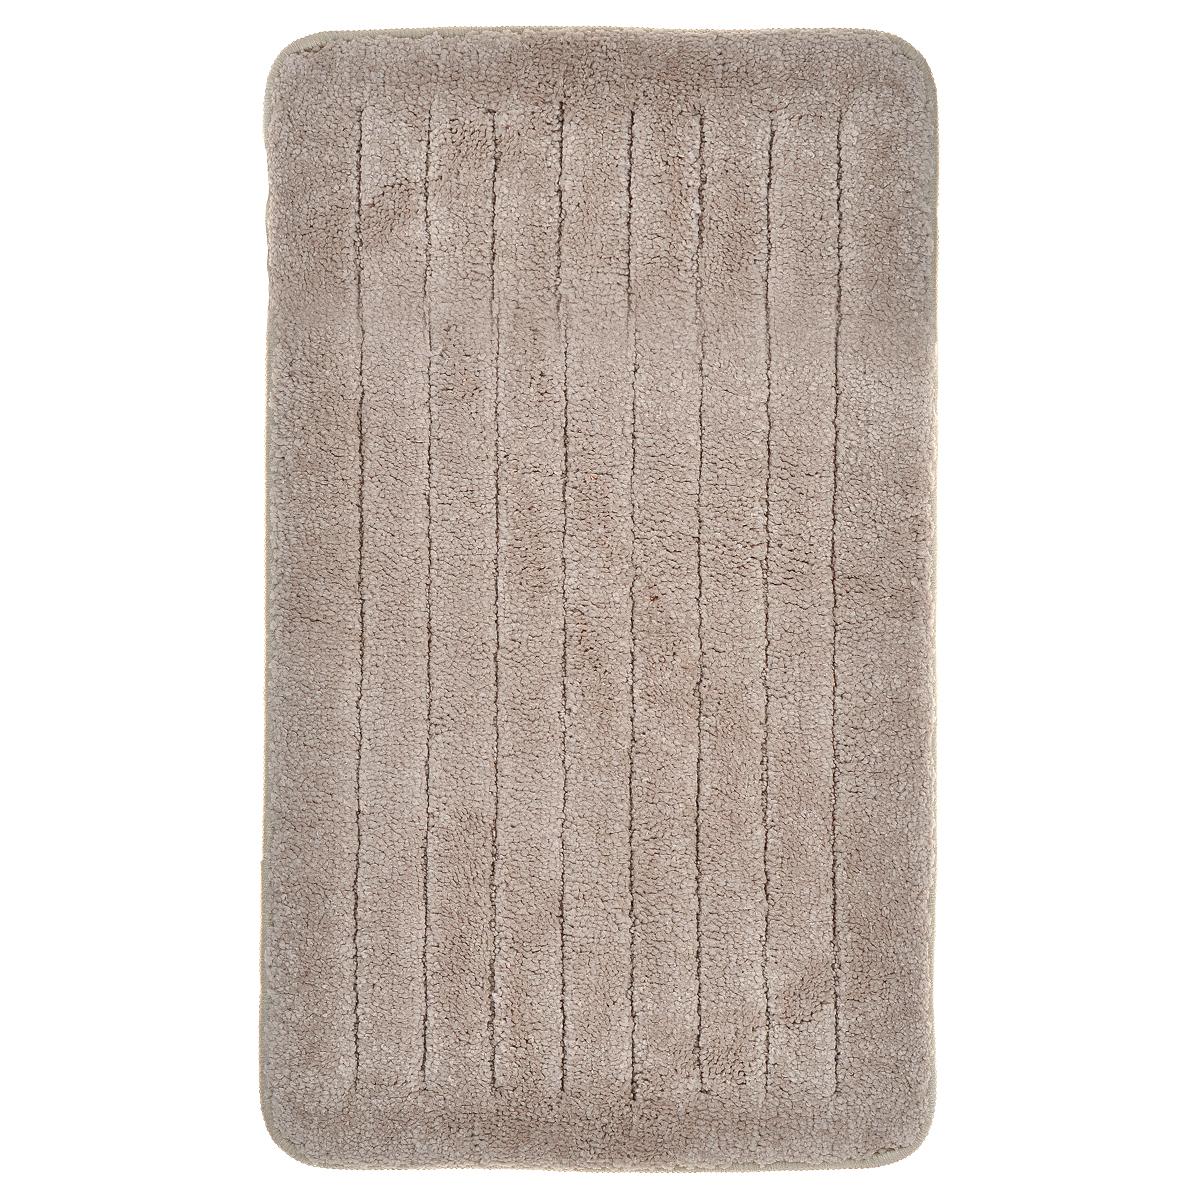 Коврик для ванной комнаты Milardo Street Way, 40 см х 70 см. MMI100MRG-D31SКоврик для ванной комнаты Milardo Street Way выполнен из микрофибры (100% полиэстер) - это особо мягкий материал, изготовленный из тончайших волокон. Коврик удивительно приятен и нежен на ощупь, обладает уникальными впитывающими свойствами. Он имеет латексную основу, благодаря которой он не скользит по полу. Края коврика обработаны оверлоком. Можно использовать на полу с подогревом.Коврик можно стирать в стиральной машине в щадящем режиме при температуре не выше 40°C отдельно от остального белья.